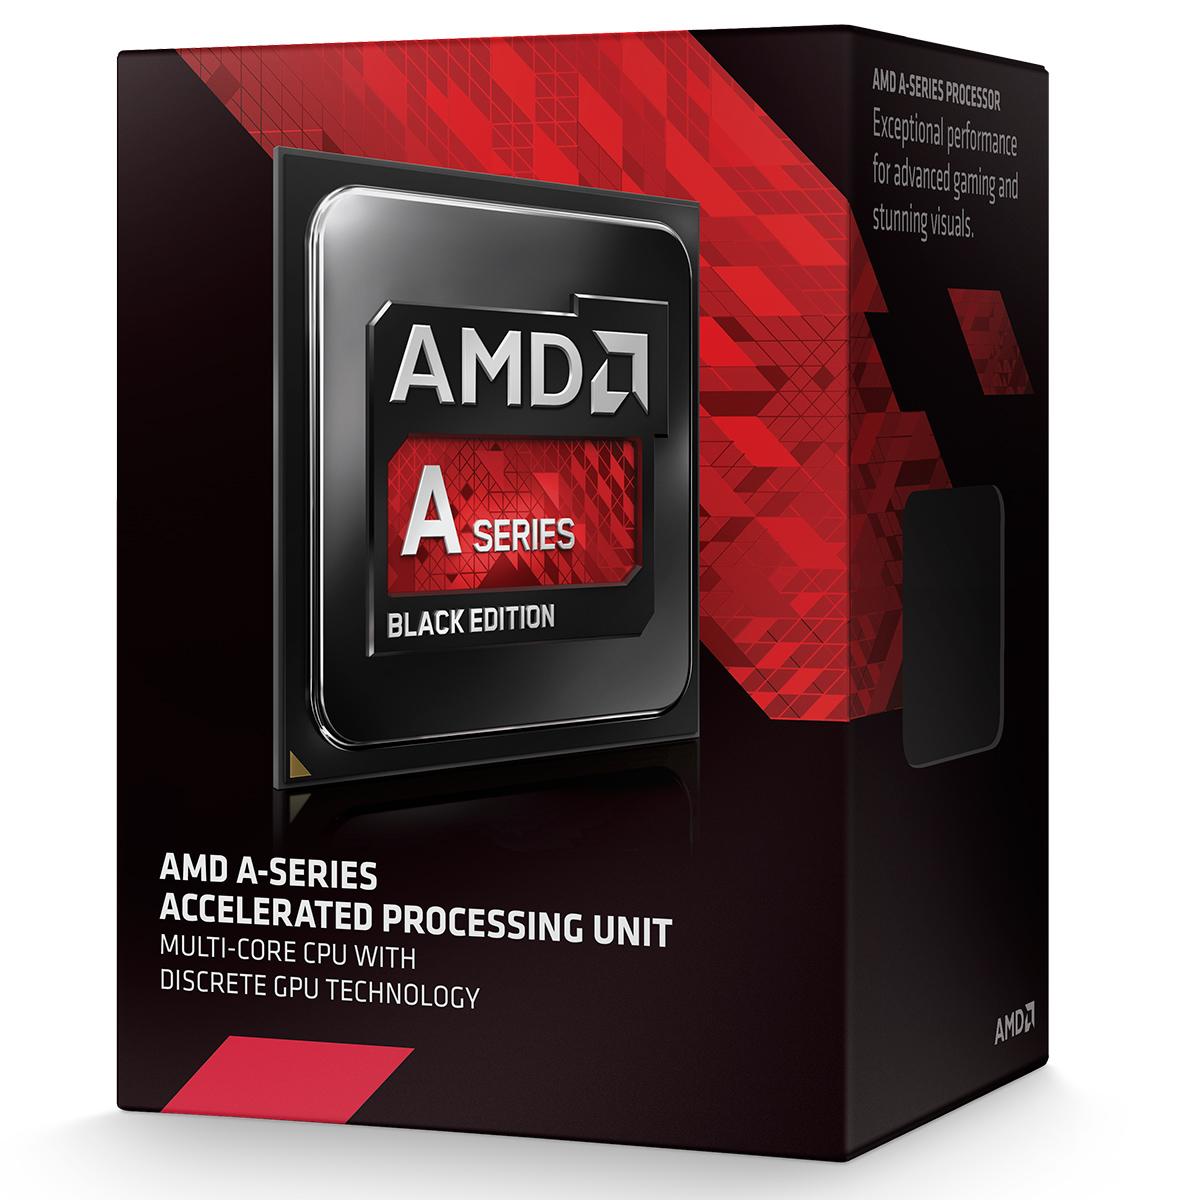 Processeur AMD A10-7870K (3.9 GHz) Black Low Noise Edition Processeur Quad Core socket FM2+ Cache L2 4 Mo Radeon R7 0.028 micron + ventilateur silencieux (version boîte - garantie constructeur 3 ans)